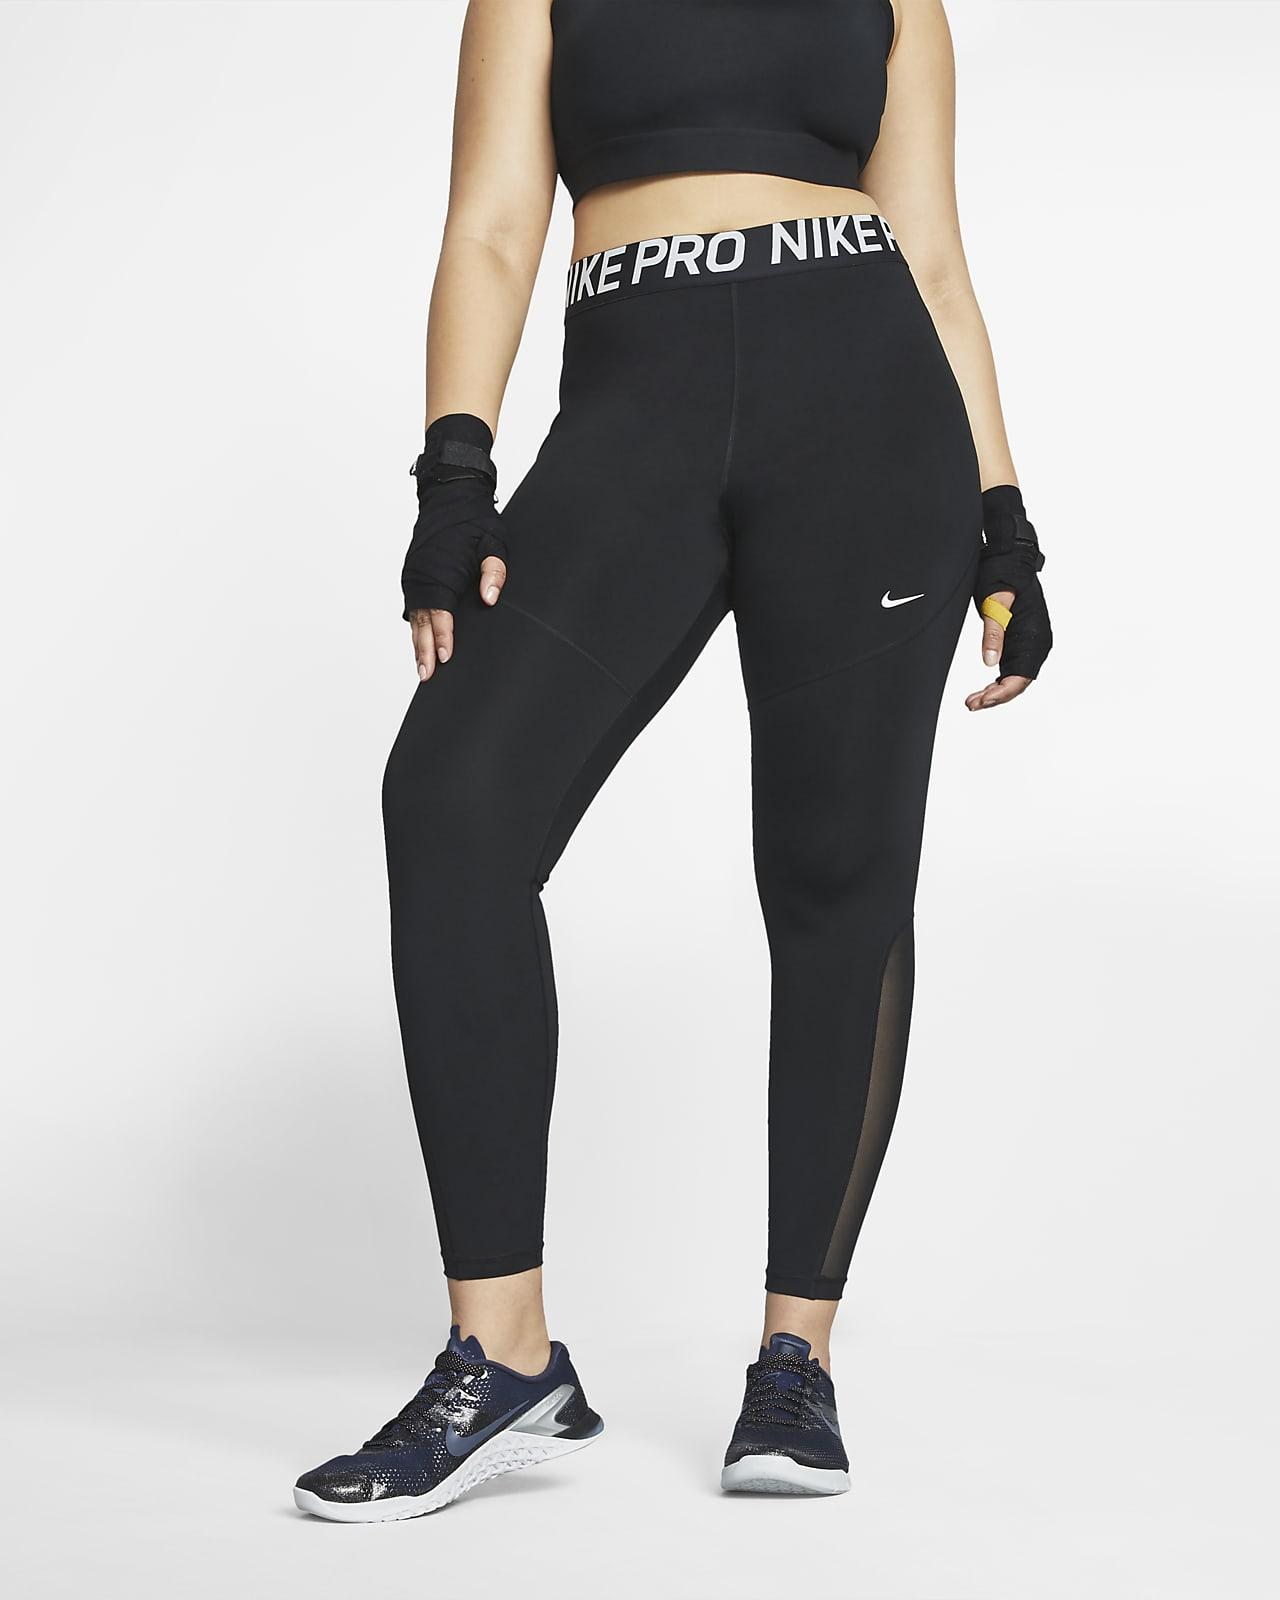 Dámské legíny Nike Pro (větší velikost)